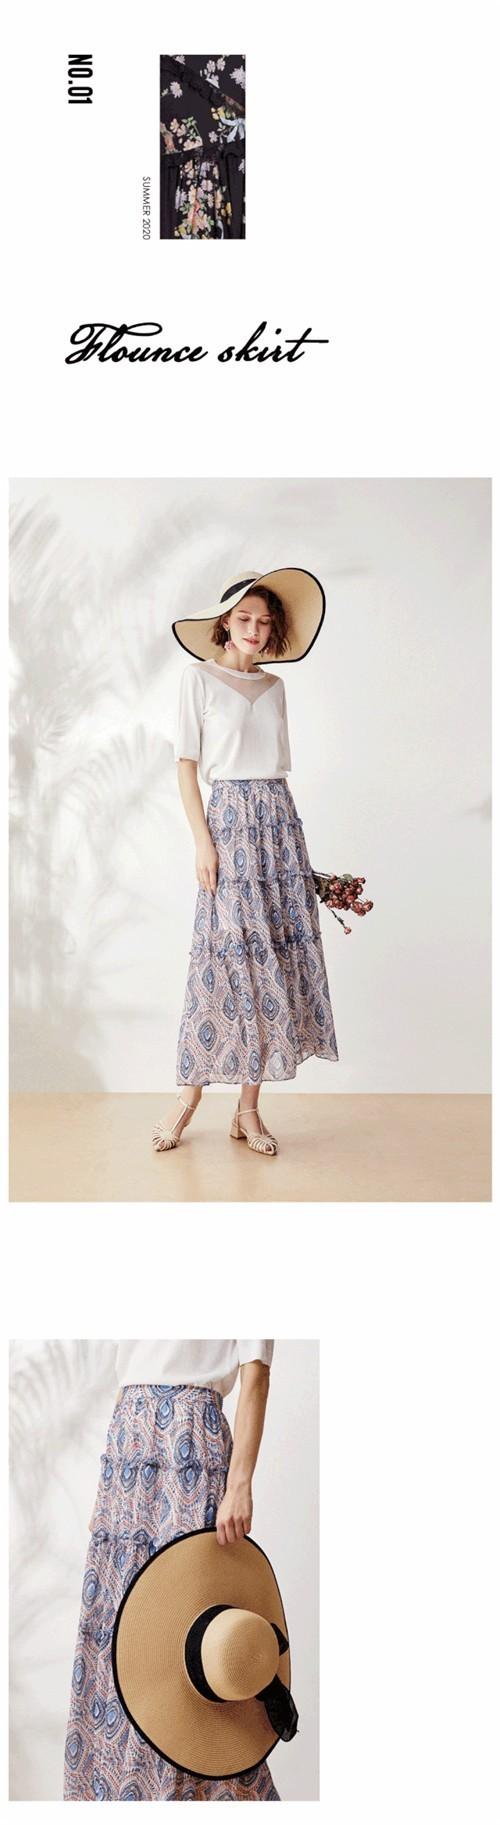 GEBANG哥邦女装2020夏季新品系列:半裙物语